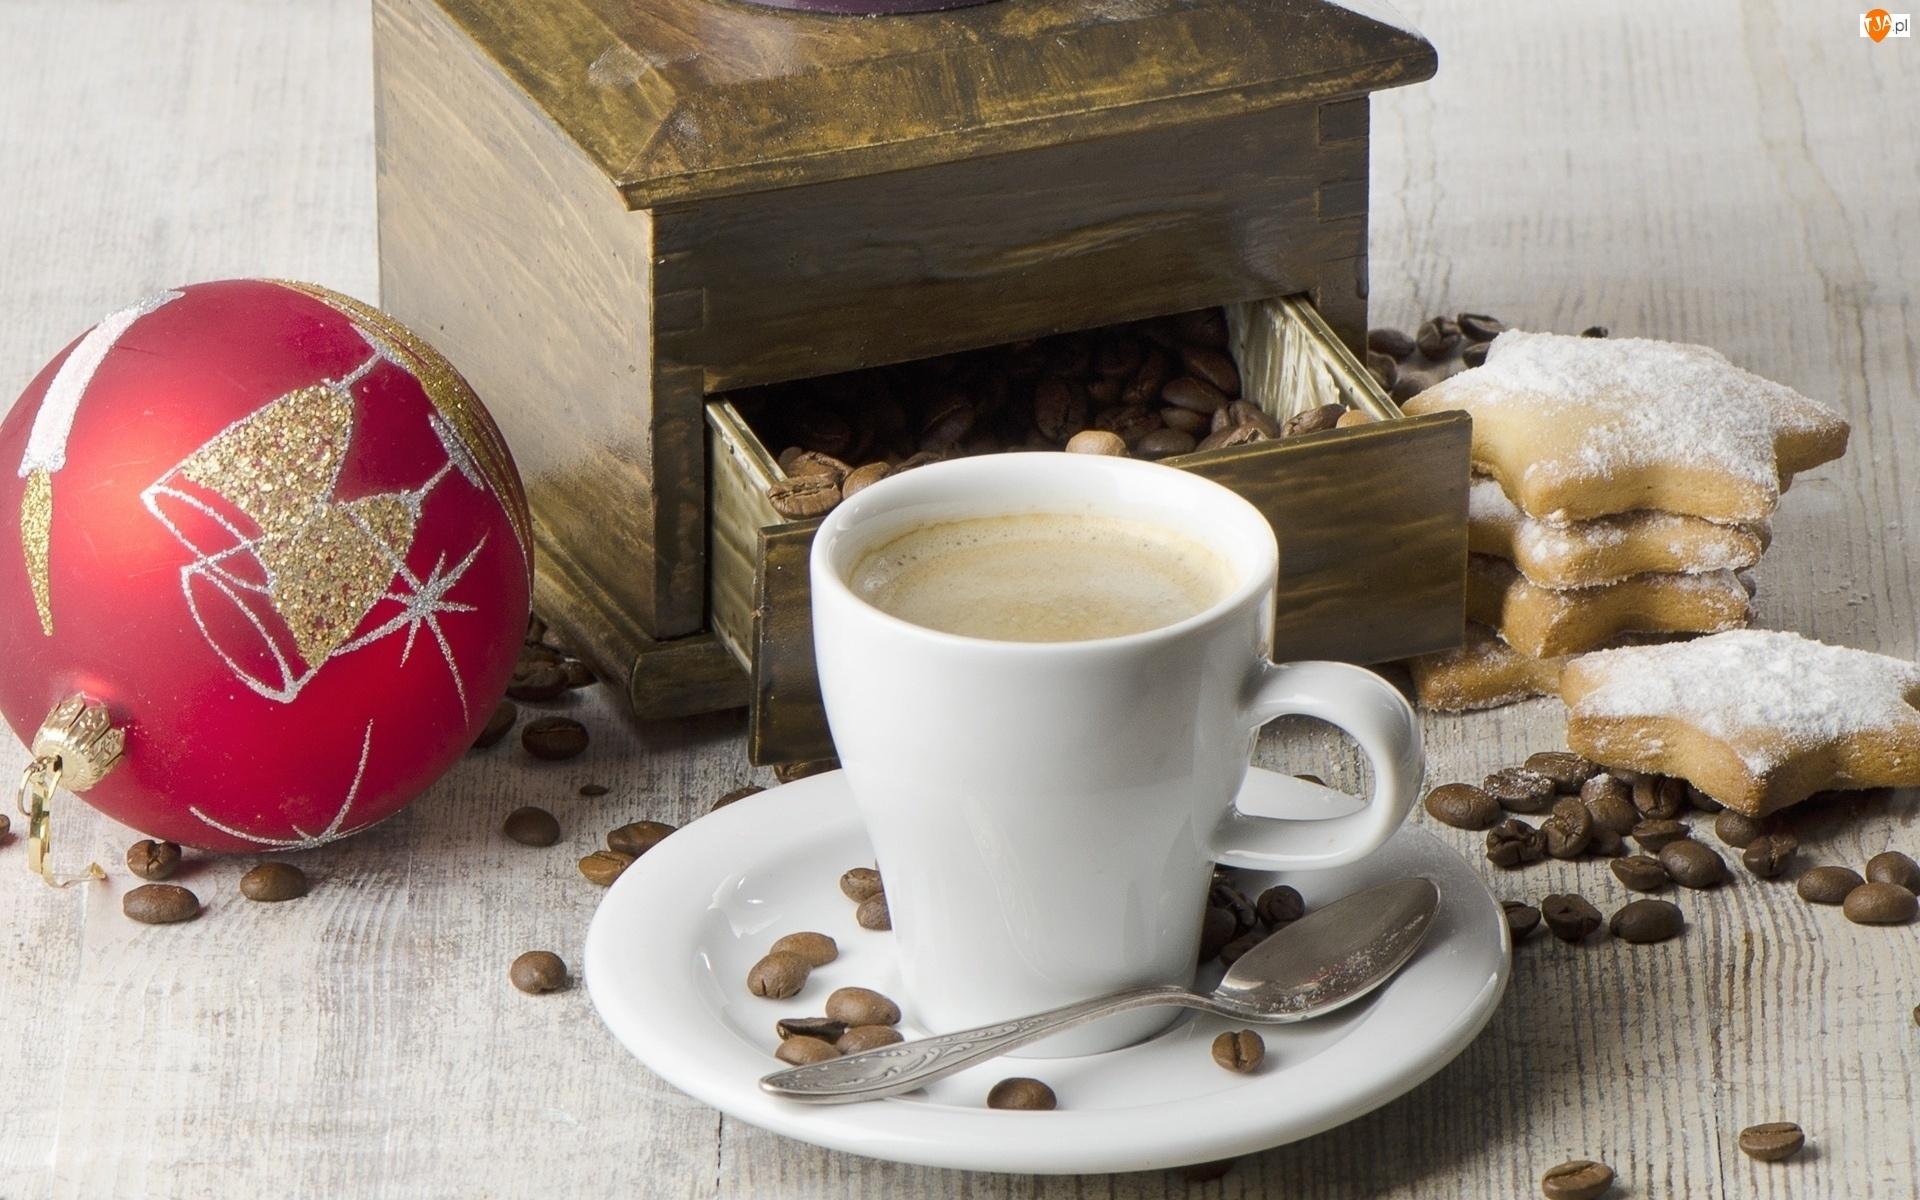 Ciasteczka, Filiżanka, Bombka, Kawy, Świąteczna